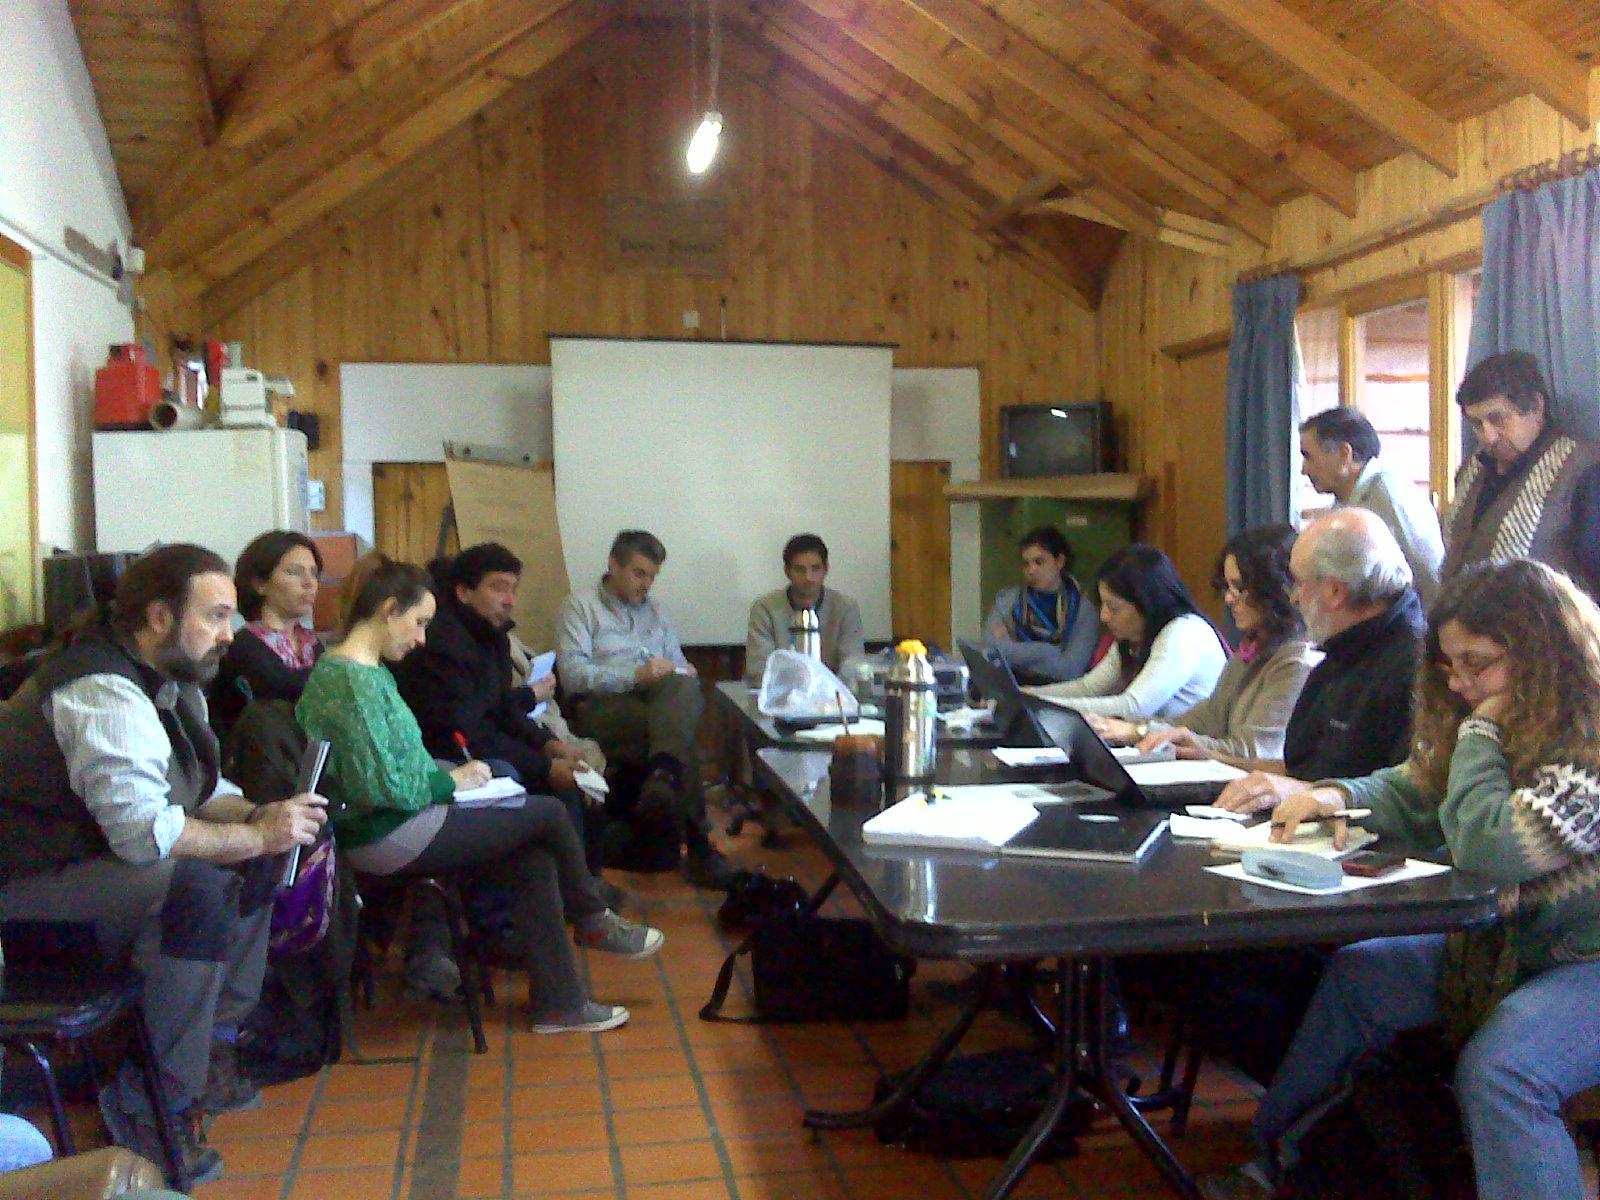 Patagonia andina forestal reuni n de la mesa coordinadora - Lacar una mesa ...